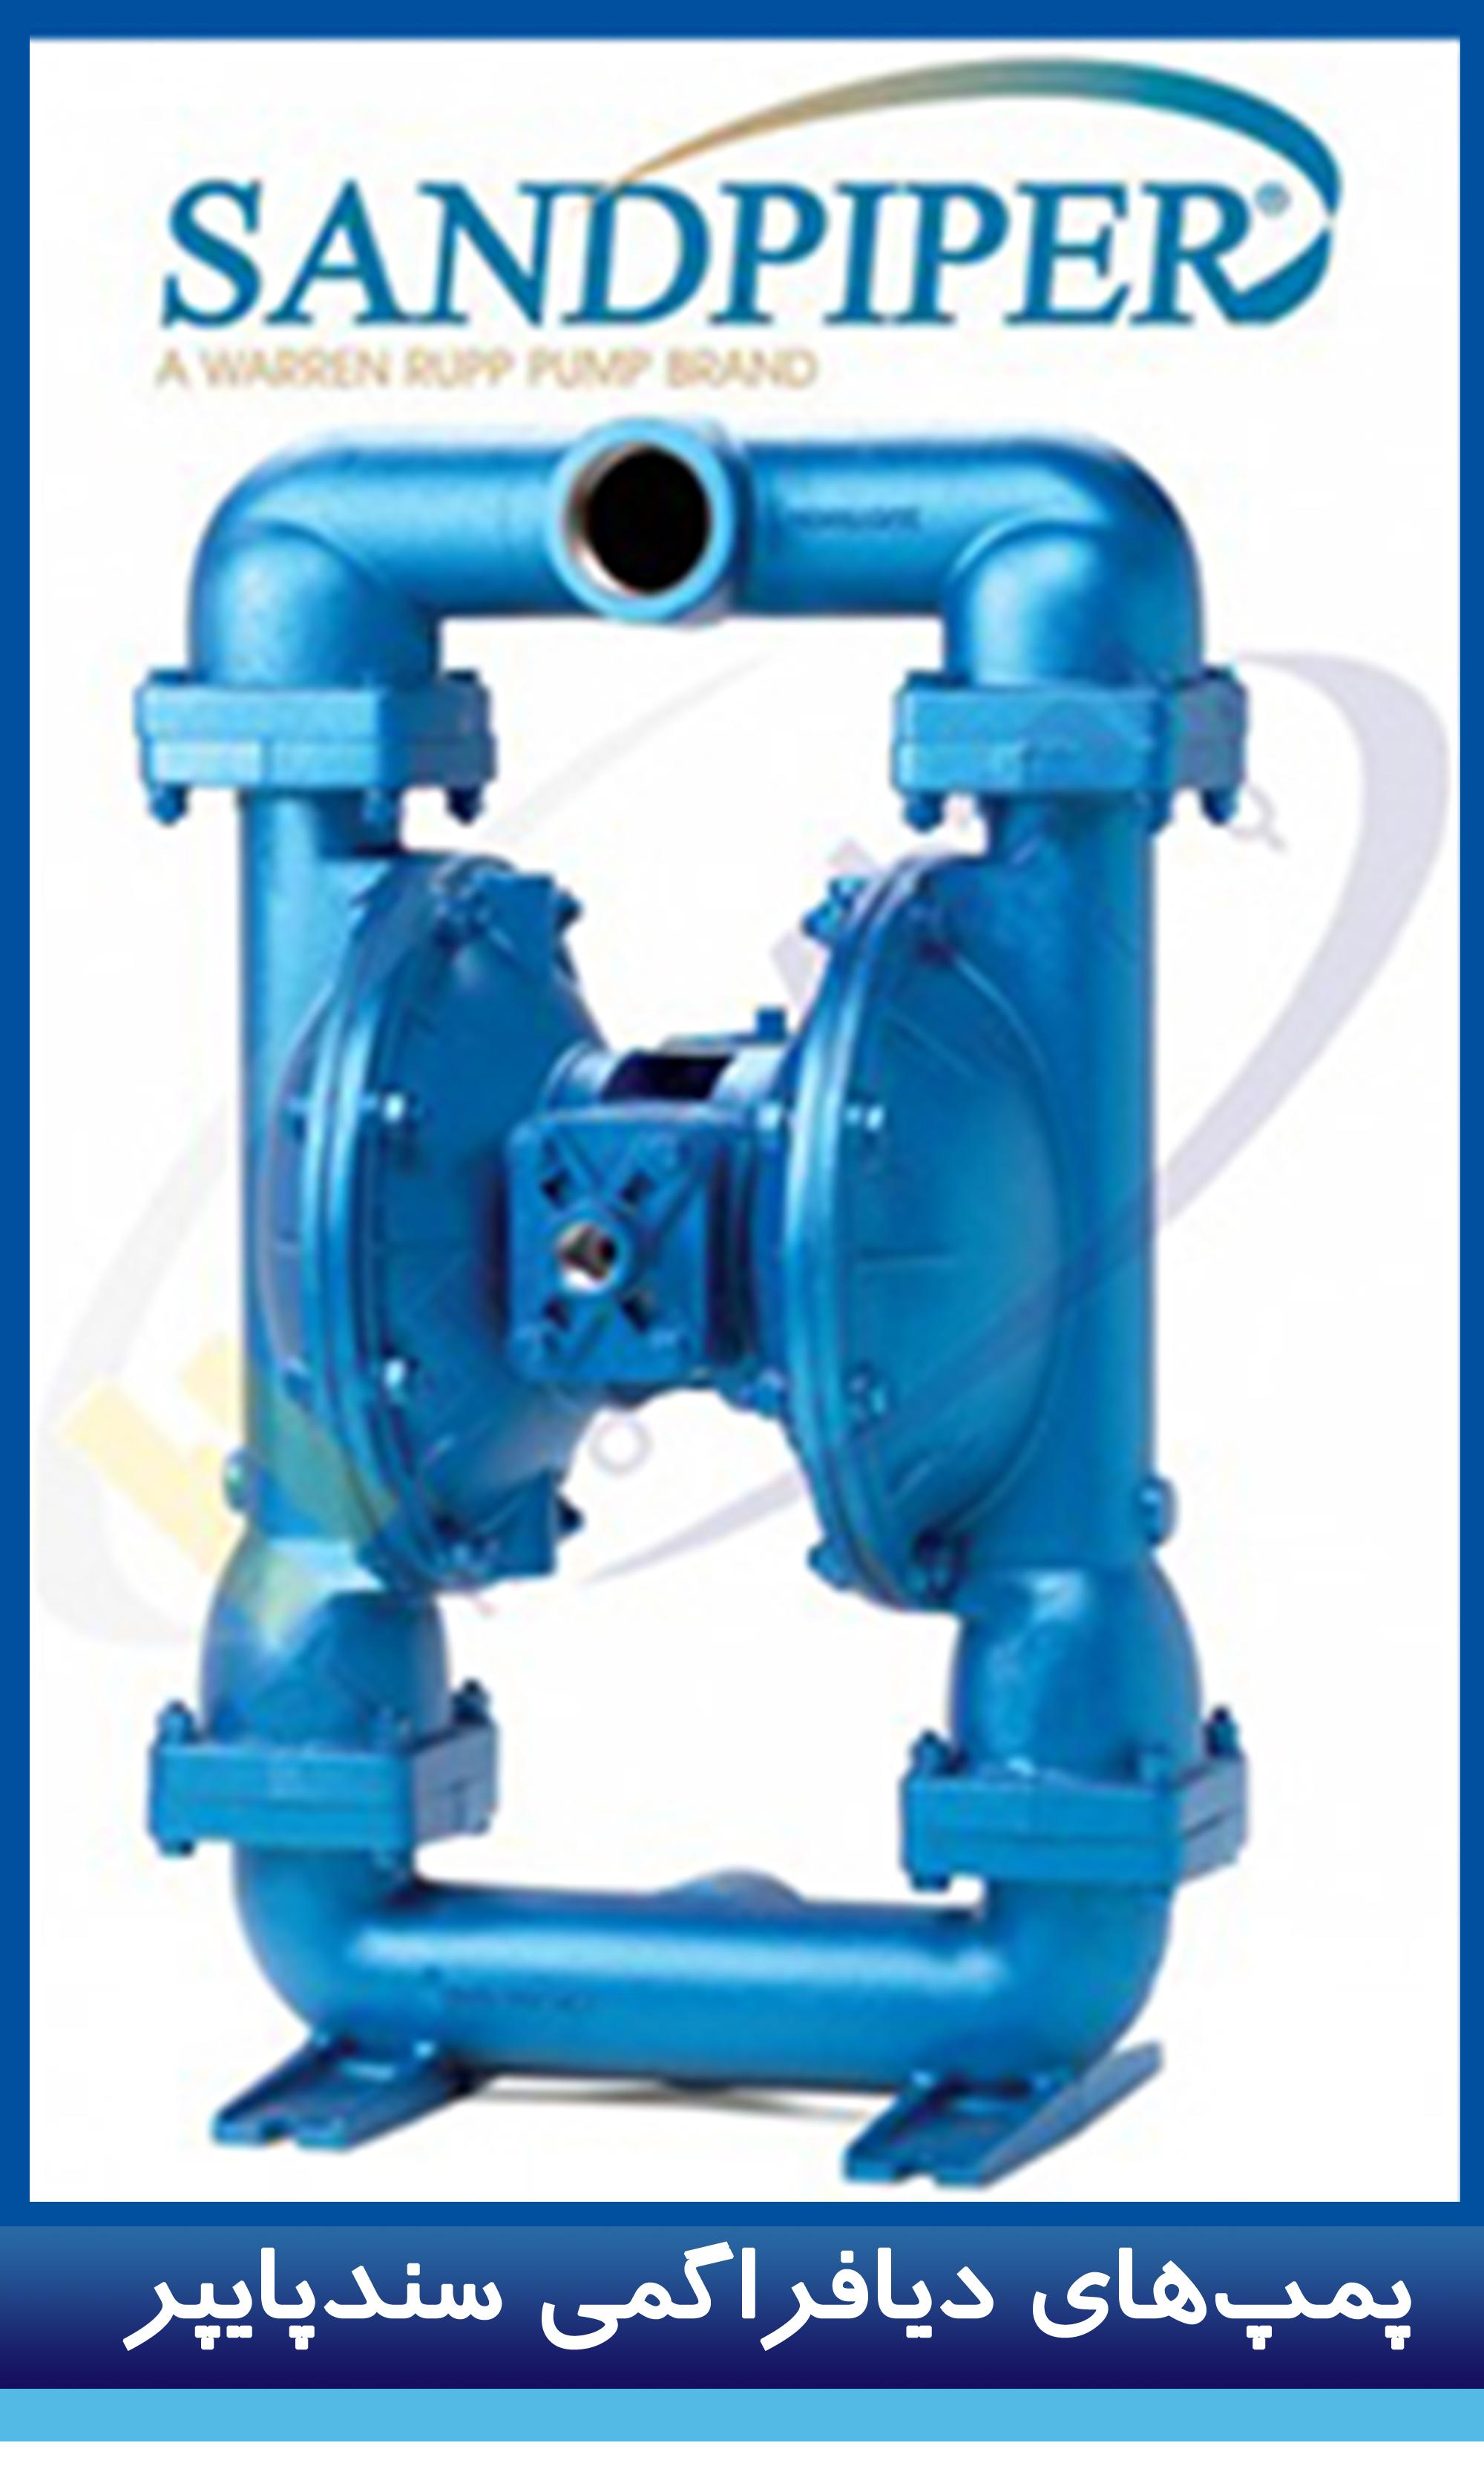 sandpiper_diaphragm_pump_400